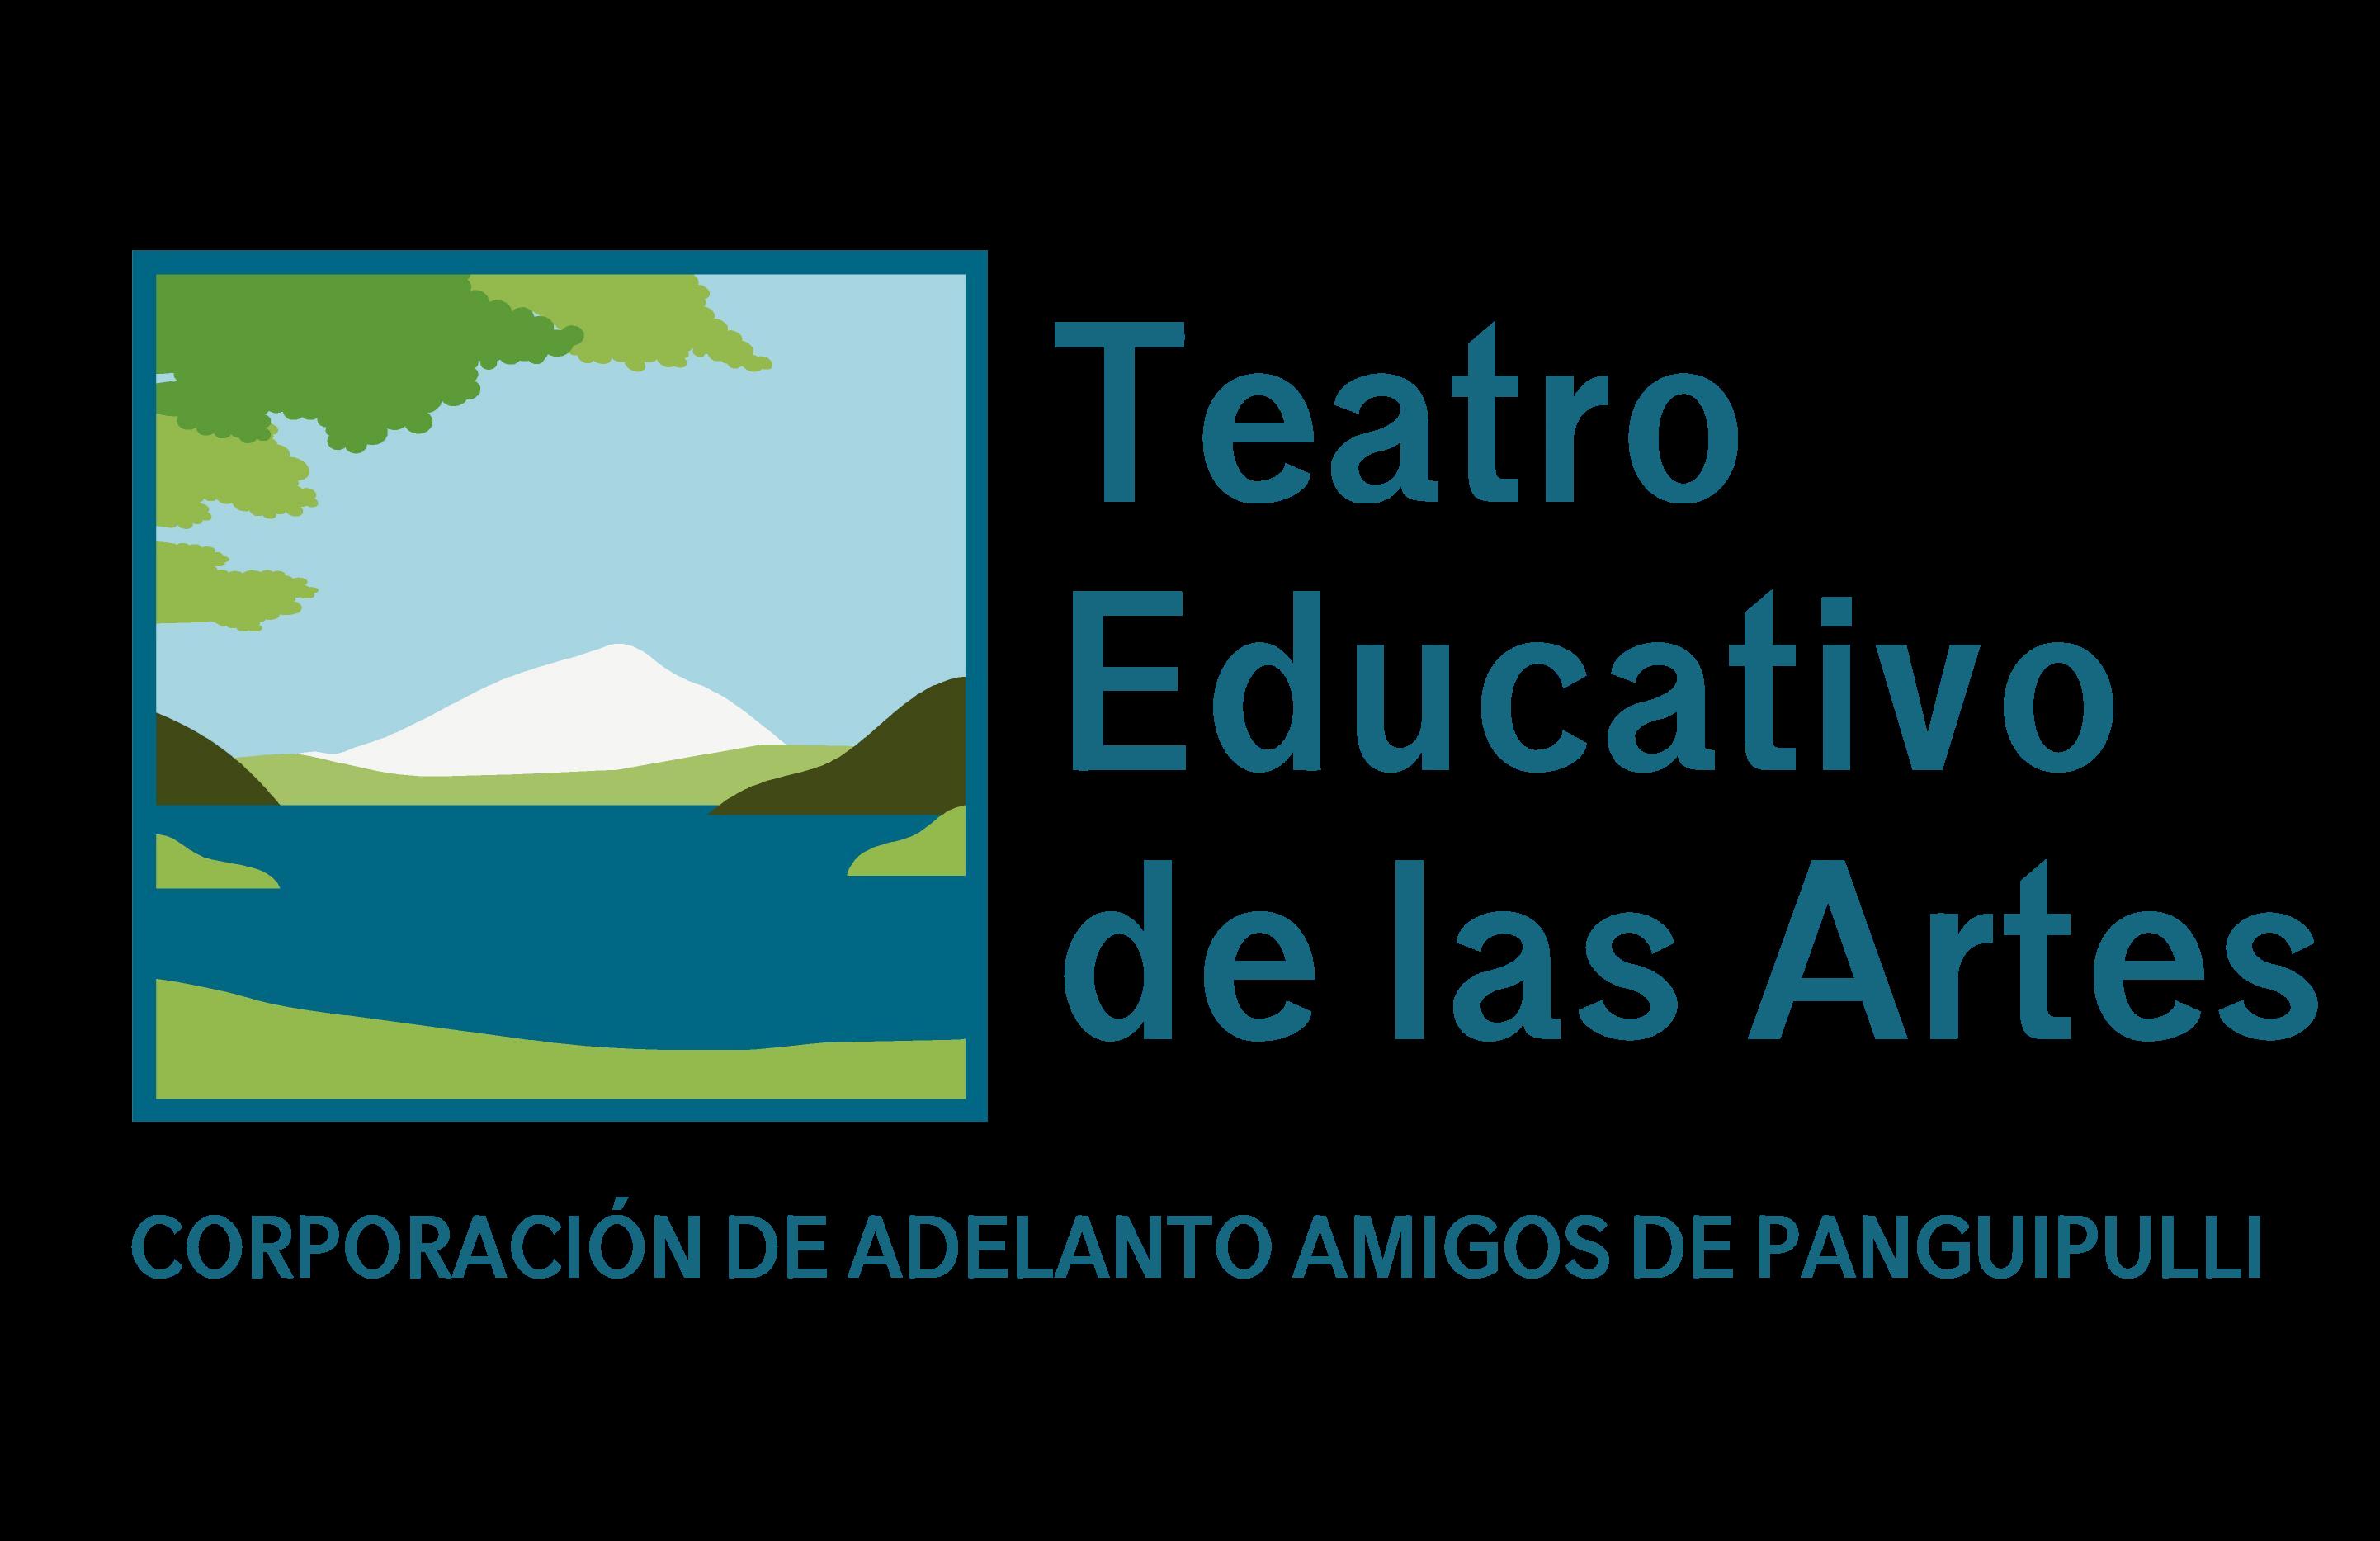 Teatro Educativo de las Artes